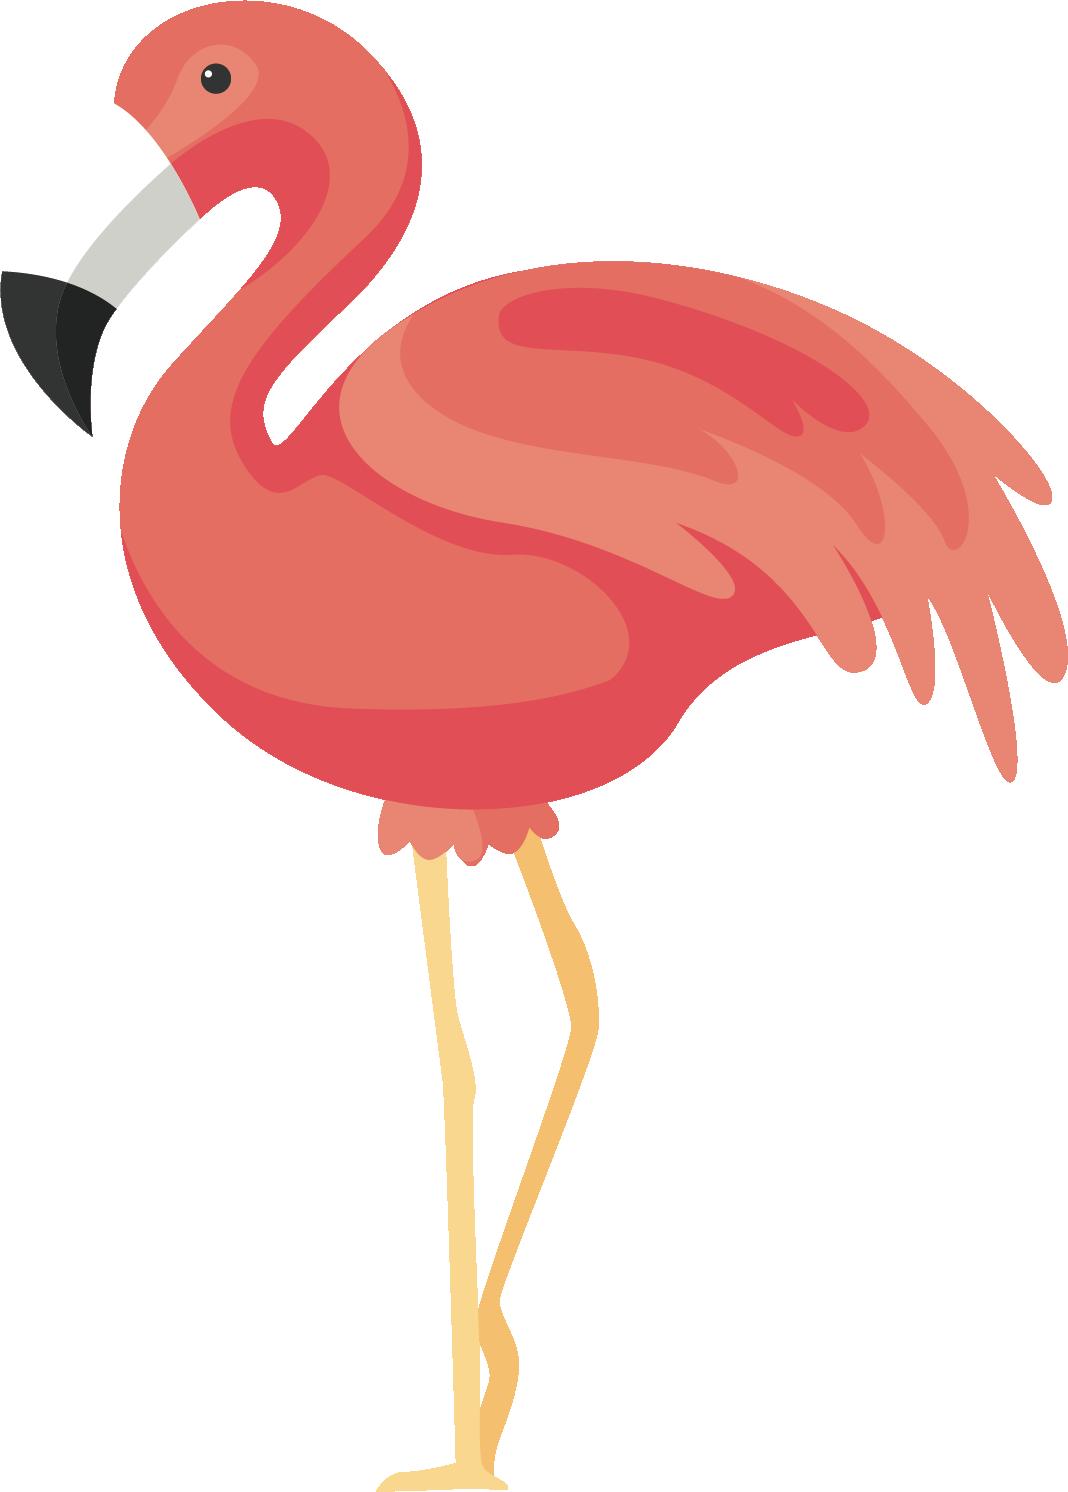 Crane clipart candy. Flamingos bird icon pink